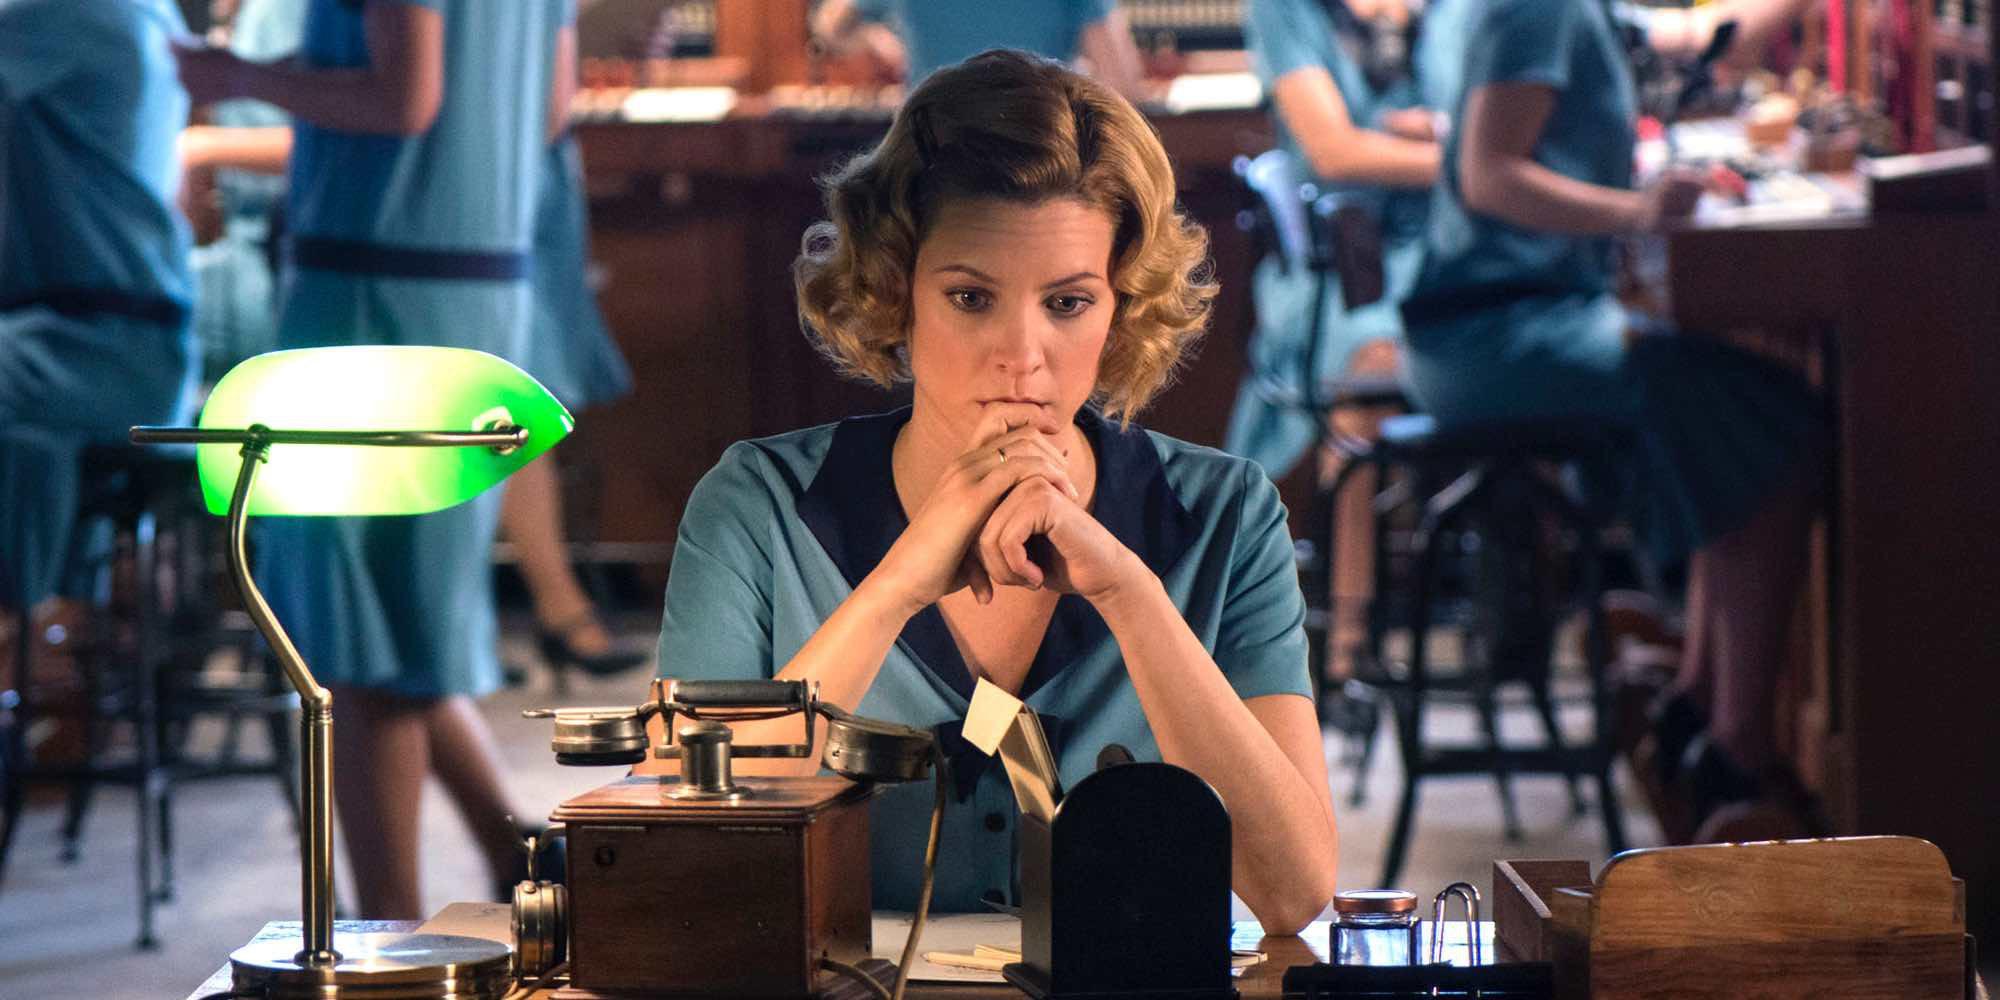 """Maggie Civantos ('Las chicas del cable'): """"Las mujeres sufrimos machismo a diario. Más actuar y menos palabras"""""""